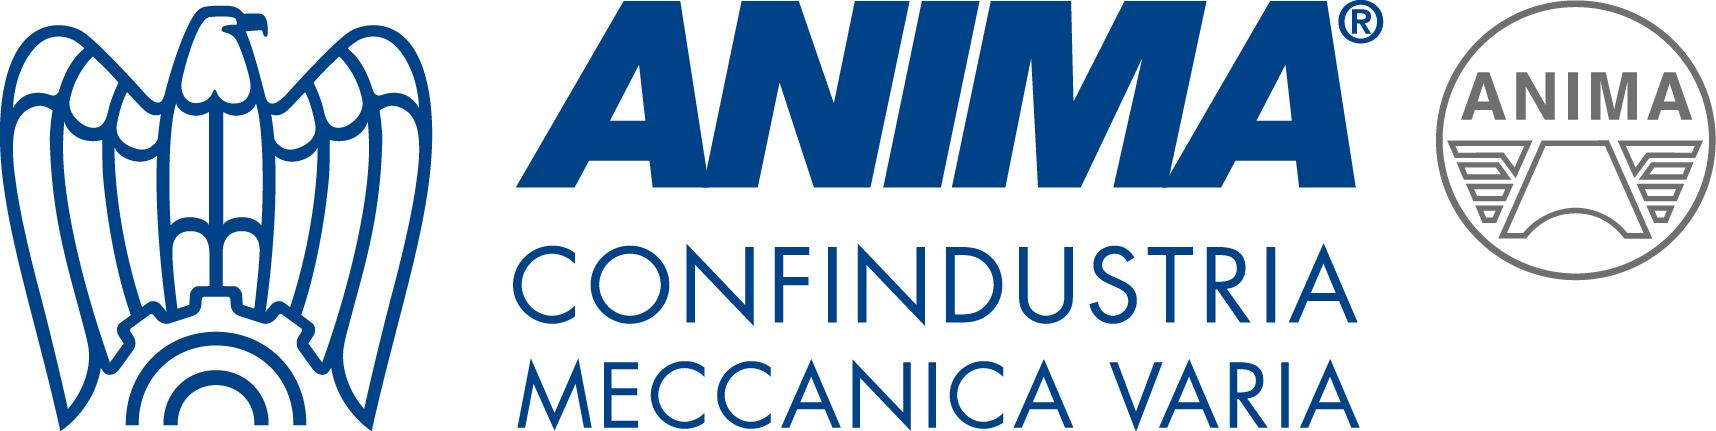 ANIMA Confindustria